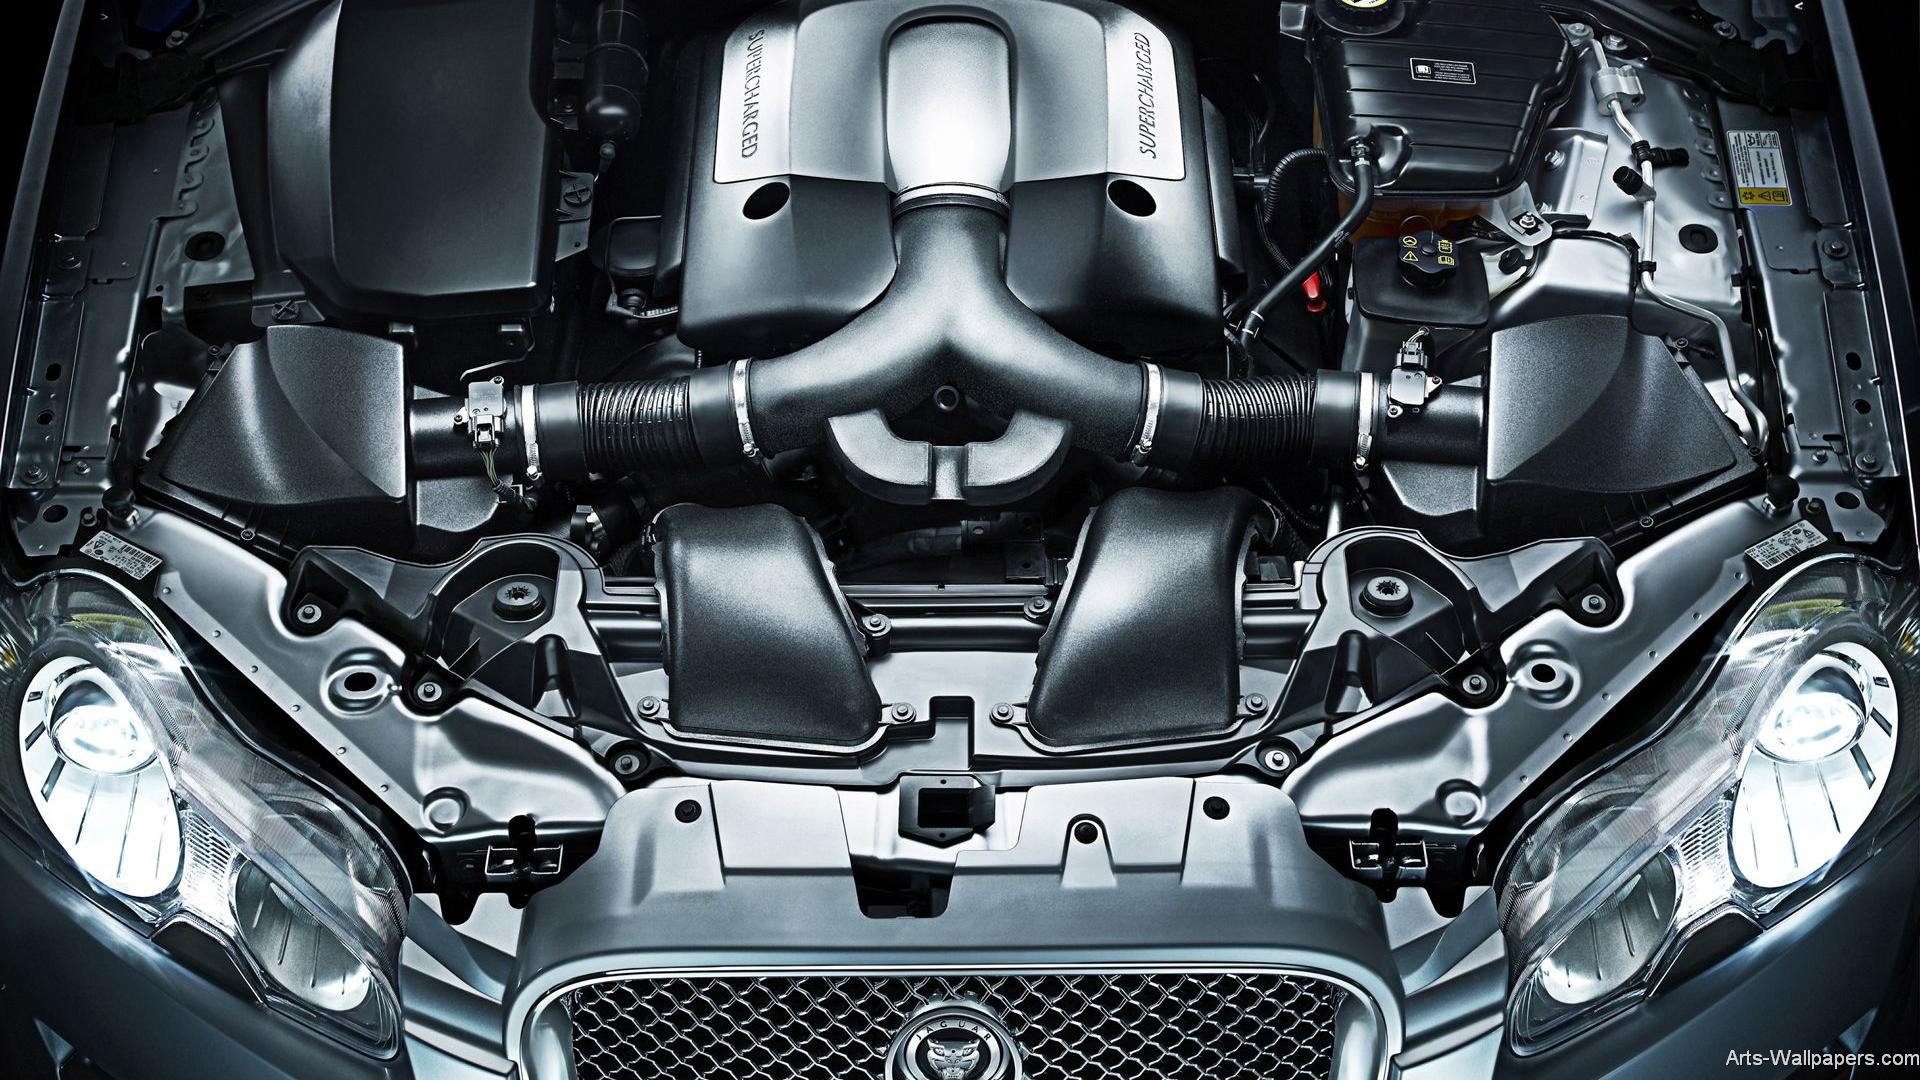 Car Engines Wallpaper 1920x1080 75796